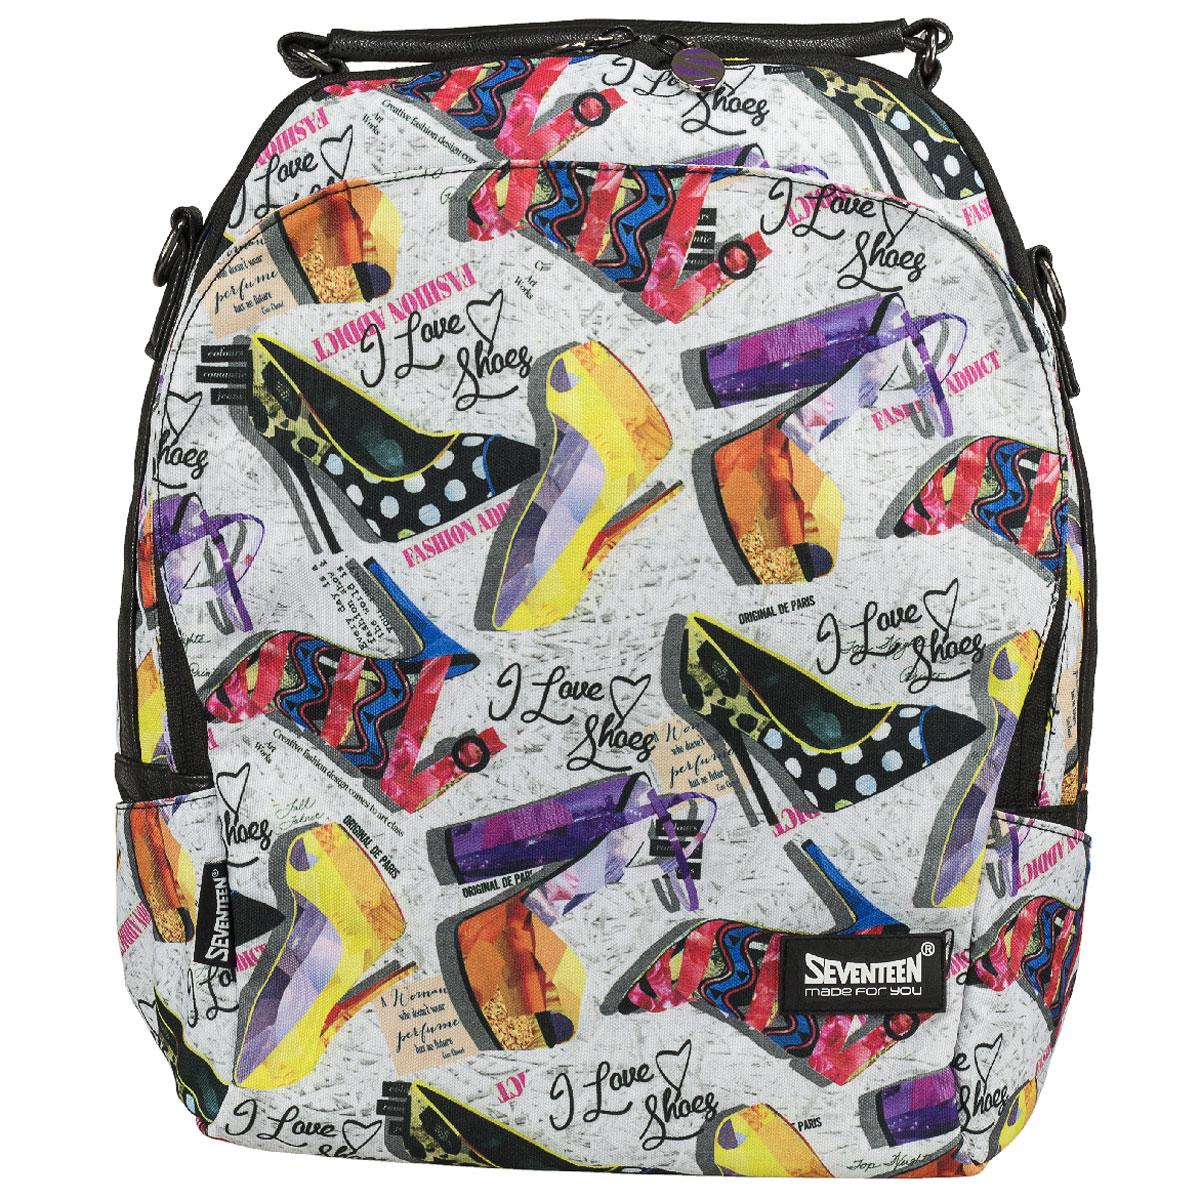 Сумка-рюкзак молодежная Seventeen, цвет: черный, мультицвет. SVCB-RT3-596SVCB-RT3-596Молодежная сумка-рюкзак Seventeen выполнена из высококачественных материалов и оформлена красочным принтом. Модель содержит одно вместительное отделение на застежке-молнии с двумя бегунками. Внутри отделения находятся прорезной карман на молнии и два открытых кармашка. Фронтальный карман с клапаном на магнитах. Задняя стенка сумки-рюкзака оснащена прорезным карманом на молнии. По бокам изделия находятся открытые карманы. Сумка оснащена удобной ручкой для переноски в руке, а также плечевым ремнем, с помощью которого сумку-рюкзак можно носить на плече и как рюкзак. Такую сумку-рюкзак можно использовать для повседневных прогулок, отдыха и спорта, а также как элемент вашего имиджа. Рекомендуемый возраст: от 12 лет.